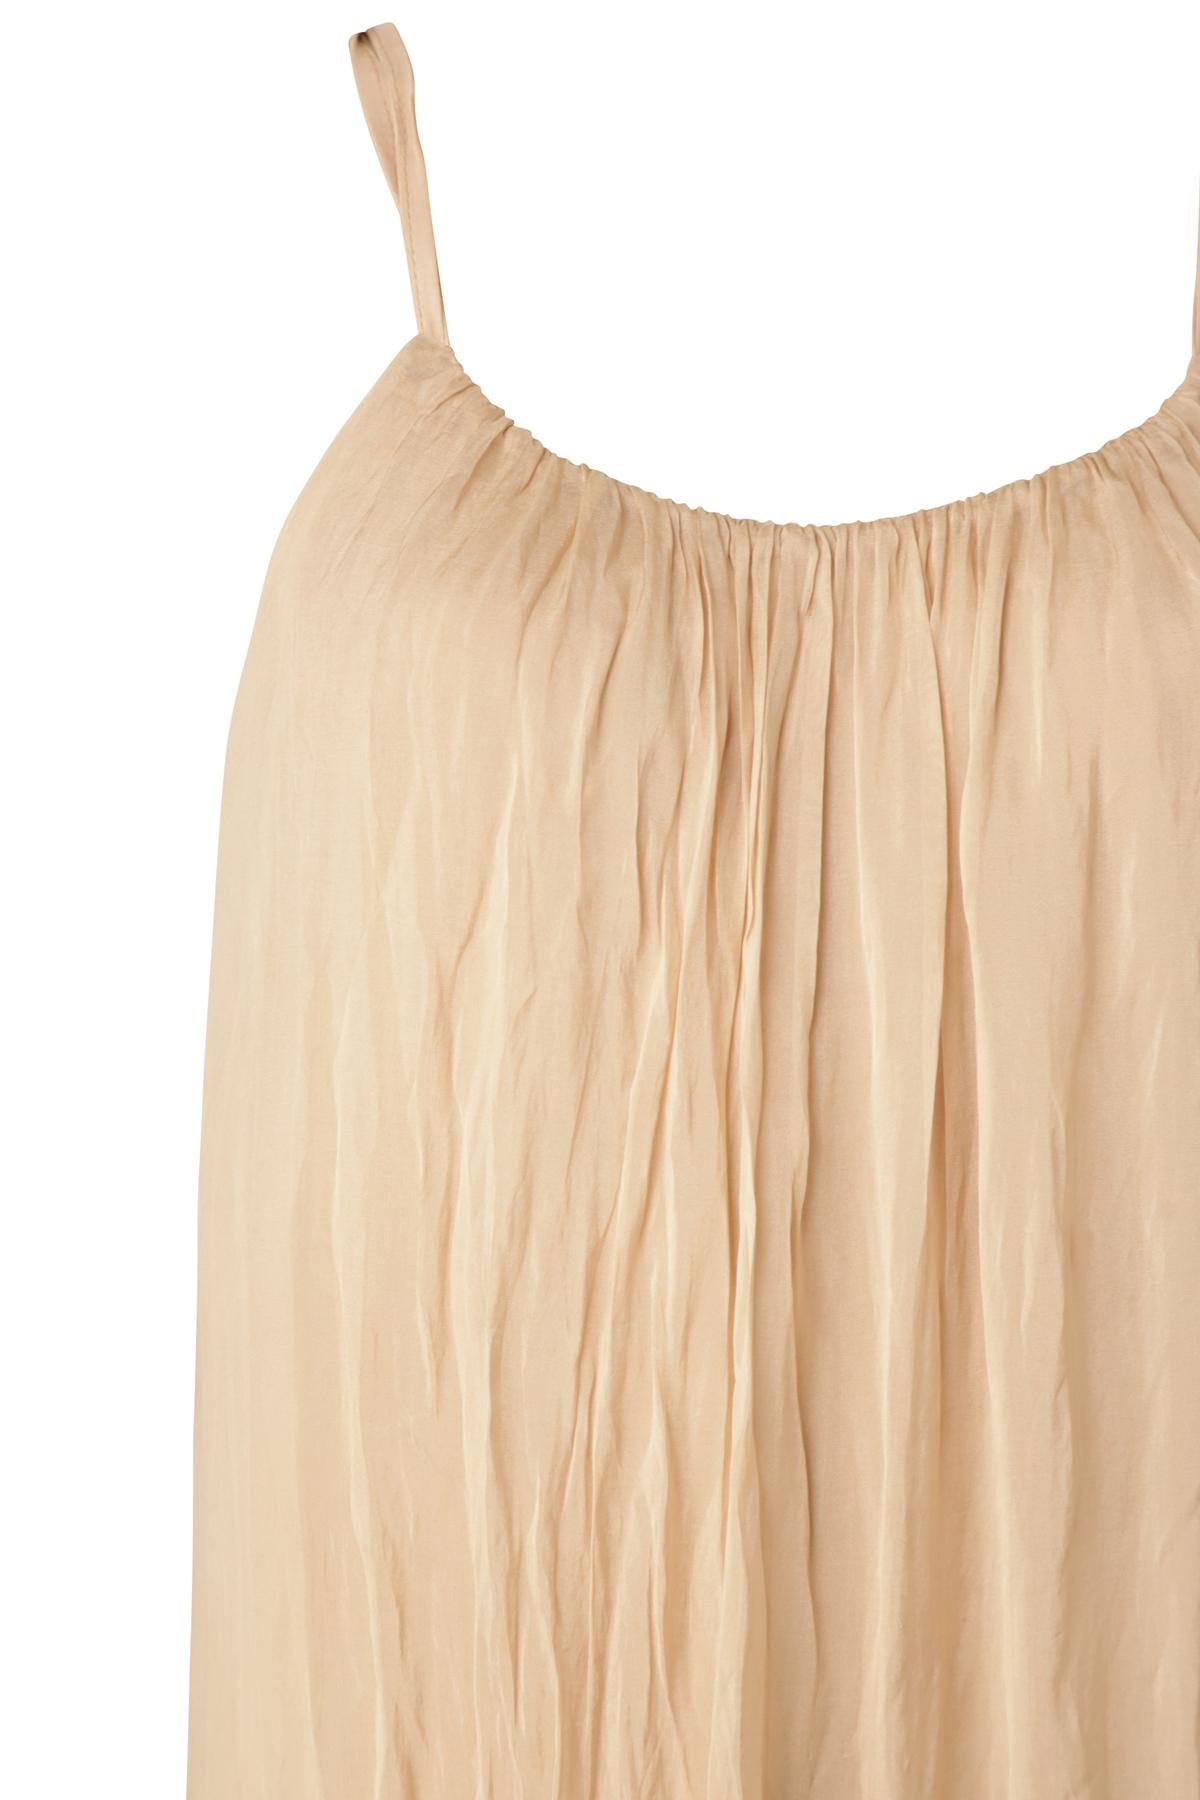 Le Ballon Maxi-jurken Goud 3500